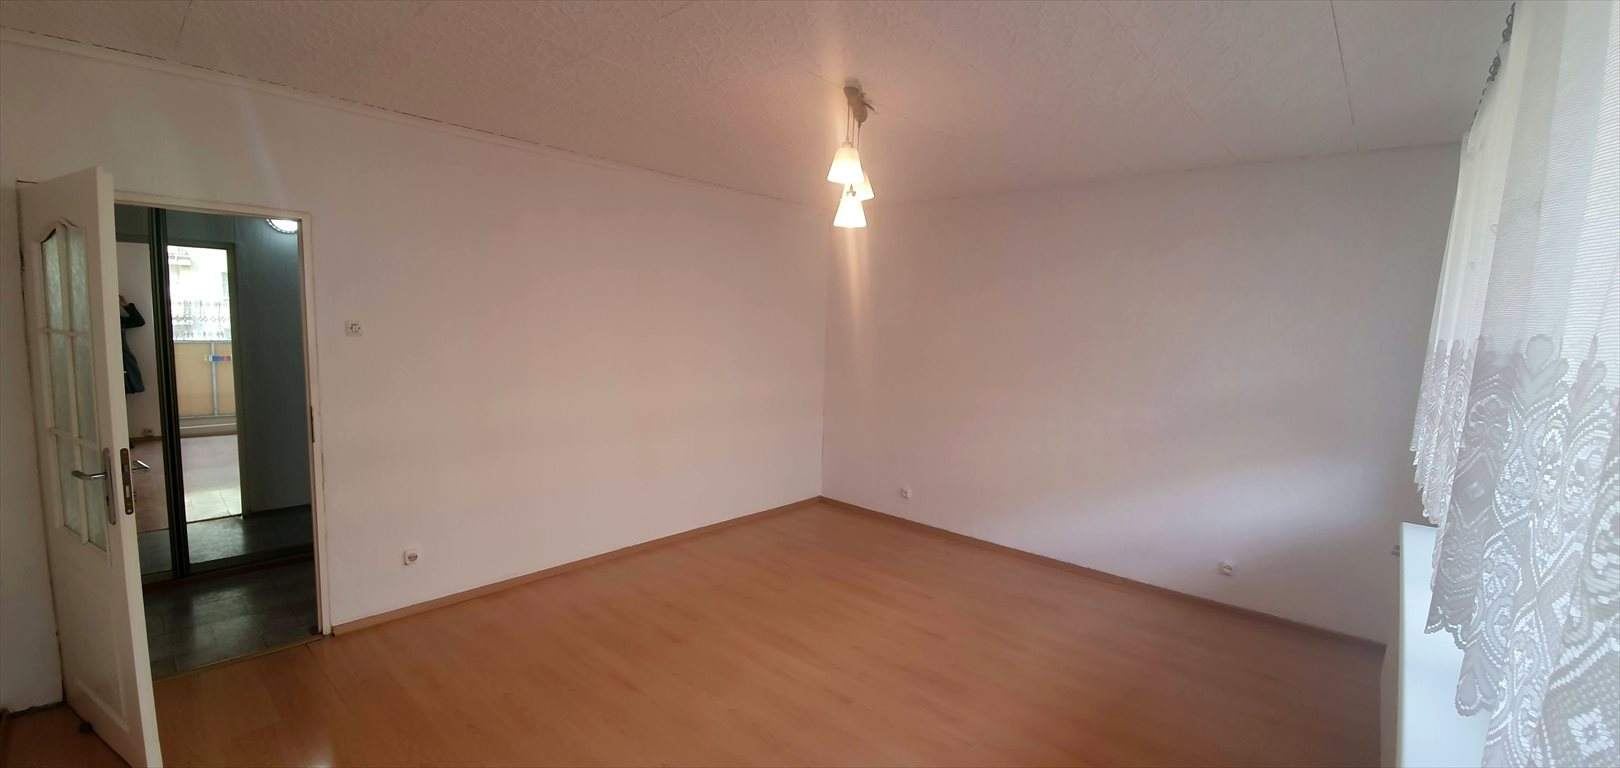 Mieszkanie trzypokojowe na wynajem Bytom, Stroszek, Sikorskiego  60m2 Foto 14